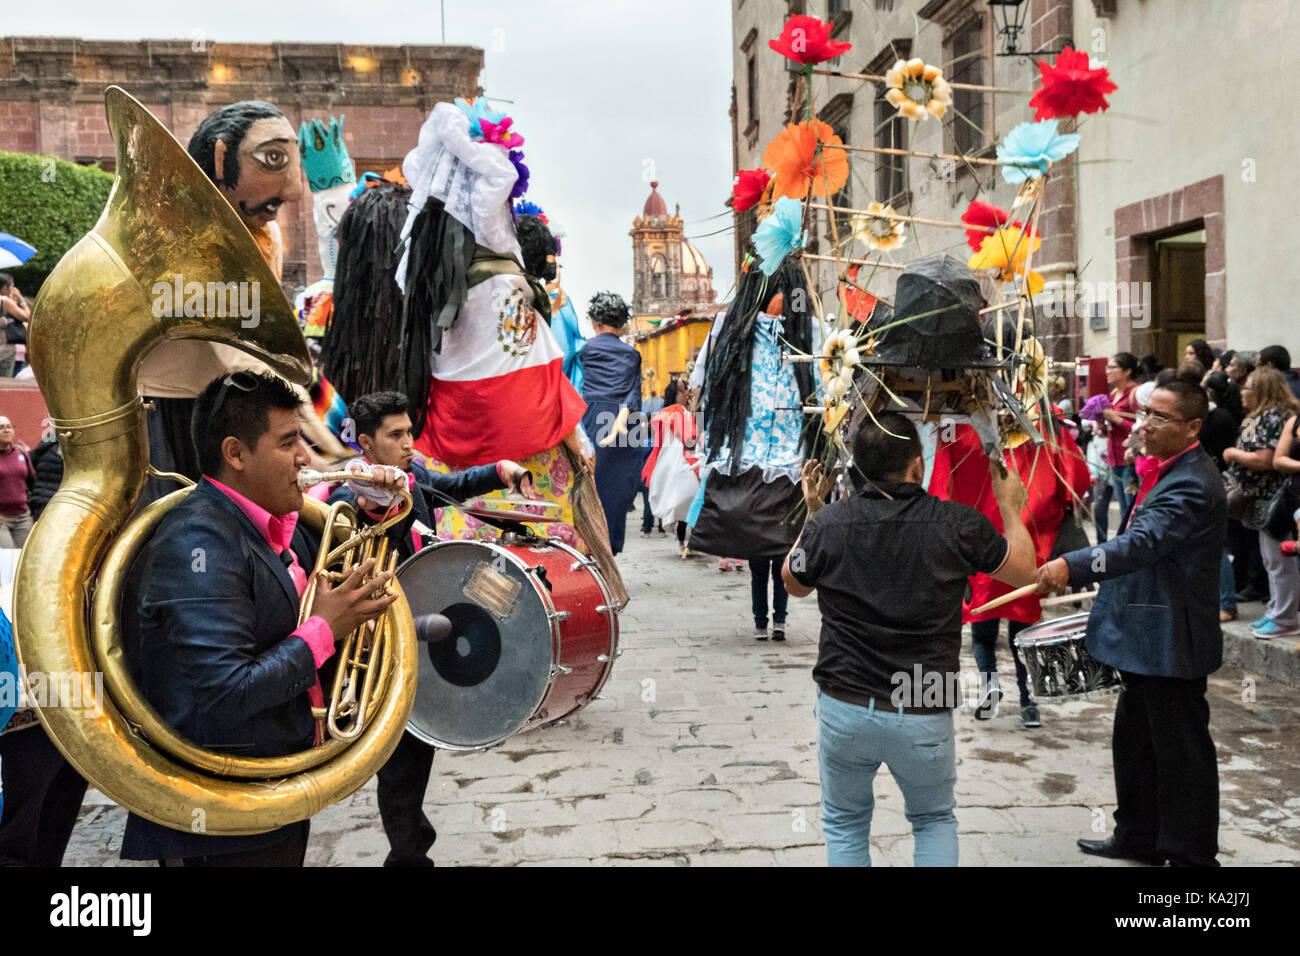 Uma banda marchando segue um desfile de papel machê marionetas gigantes chamados mojigangas em uma procissão Imagens de Stock